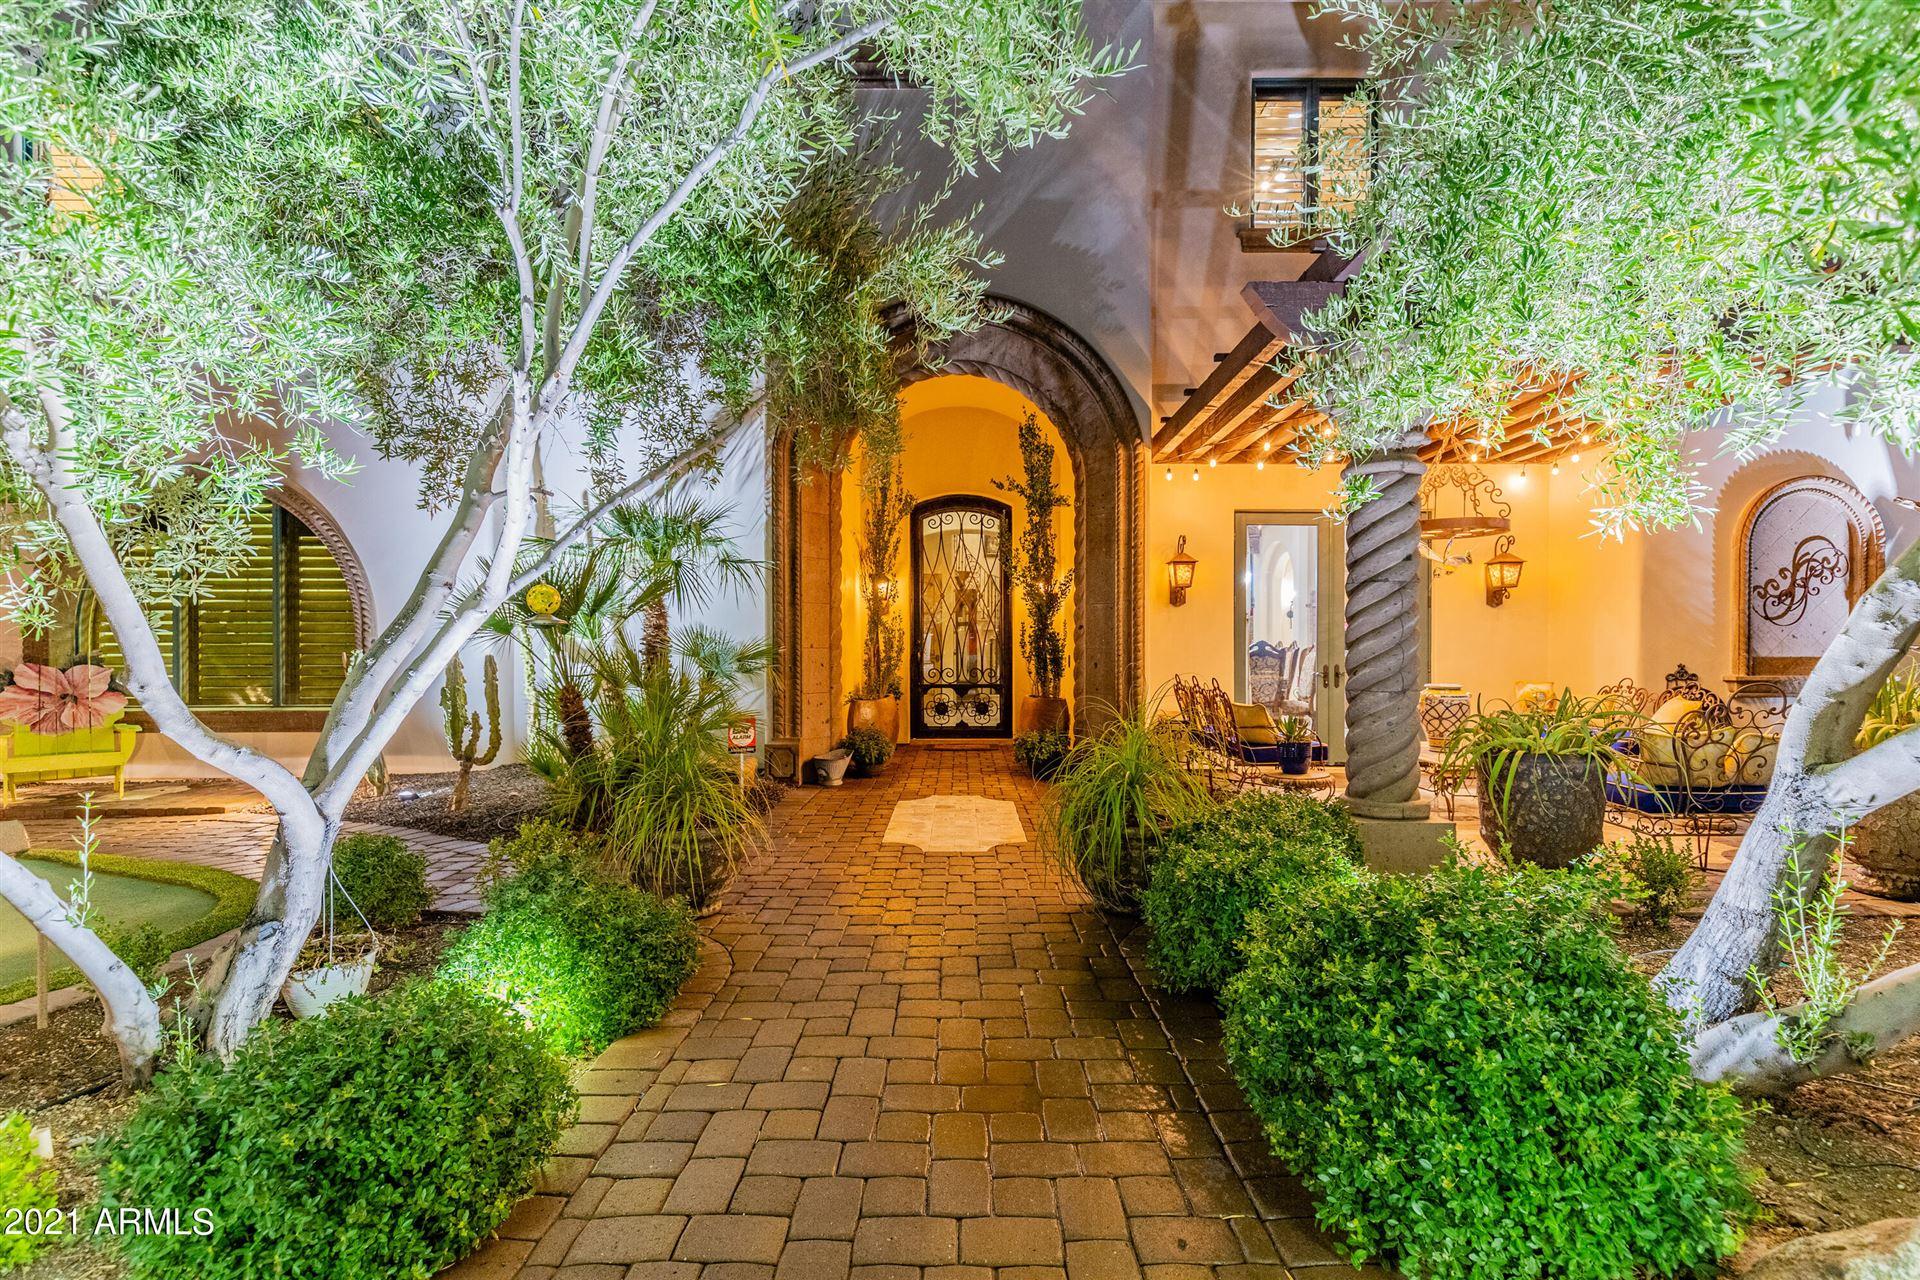 Photo of 6221 W SAGUARO PARK Lane, Glendale, AZ 85310 (MLS # 6283369)